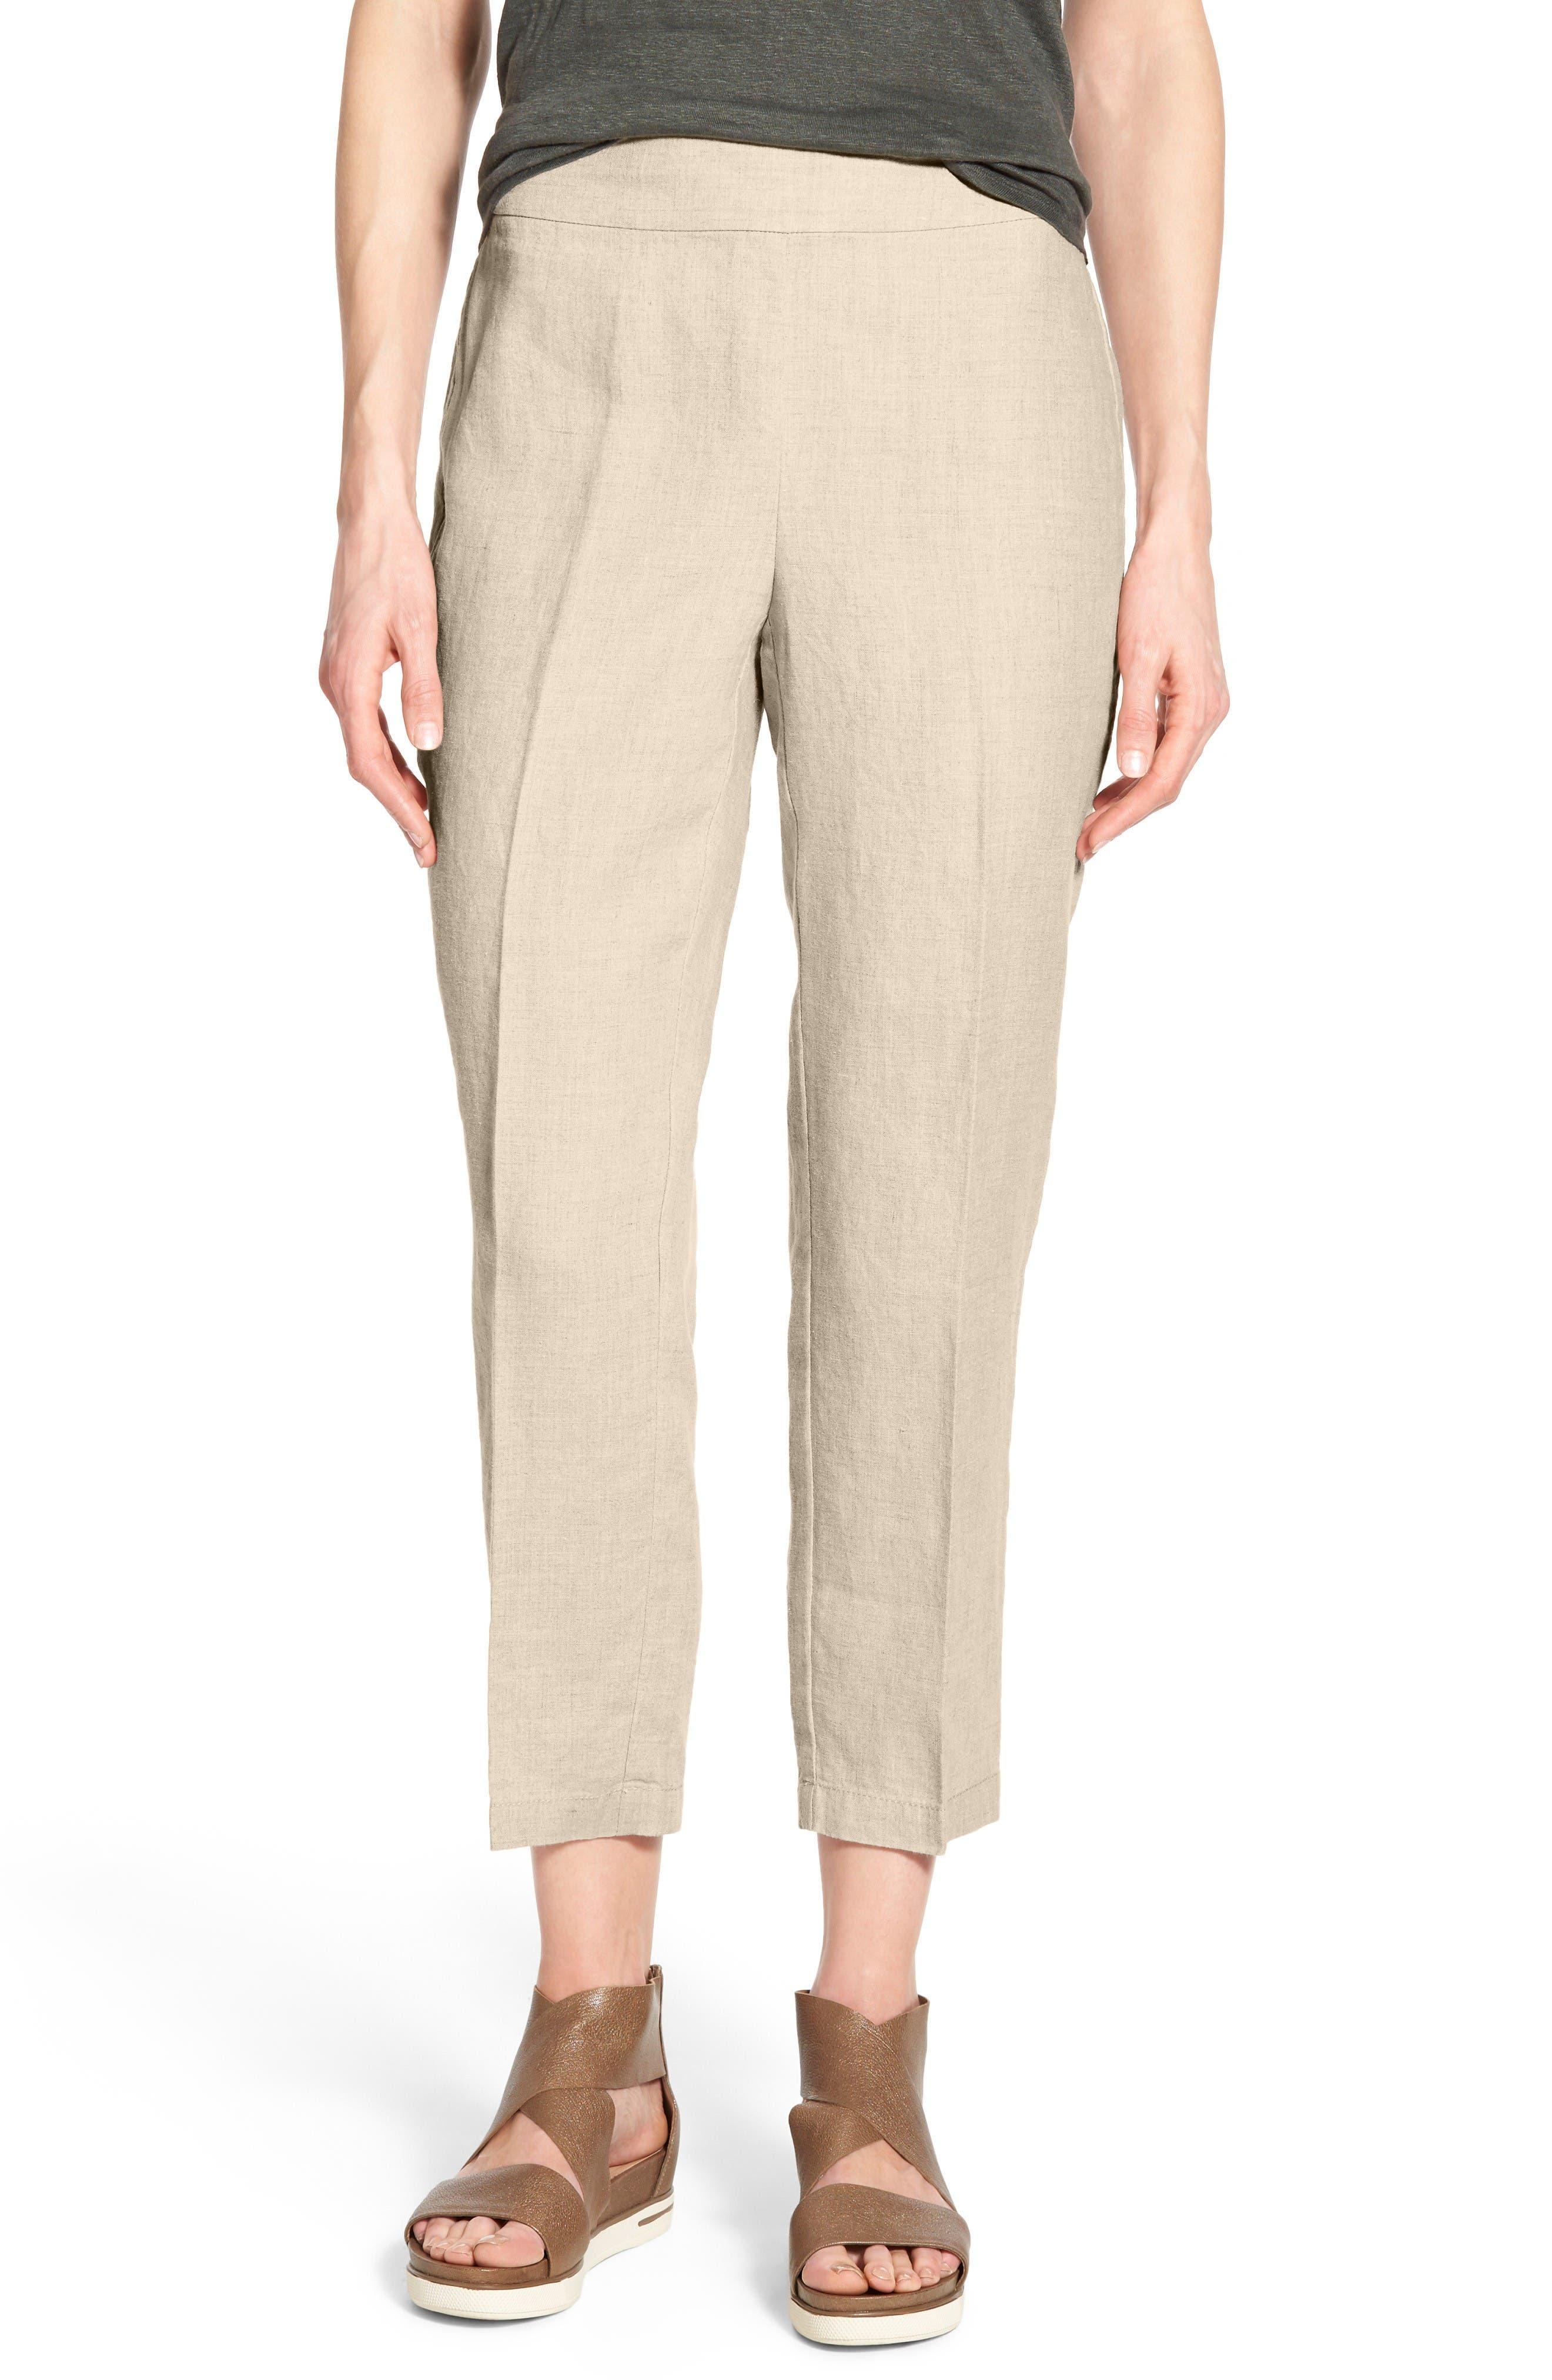 Alternate Image 1 Selected - Eileen Fisher Organic Linen Crop Pants (Regular & Petite) (Nordstrom Exclusive)